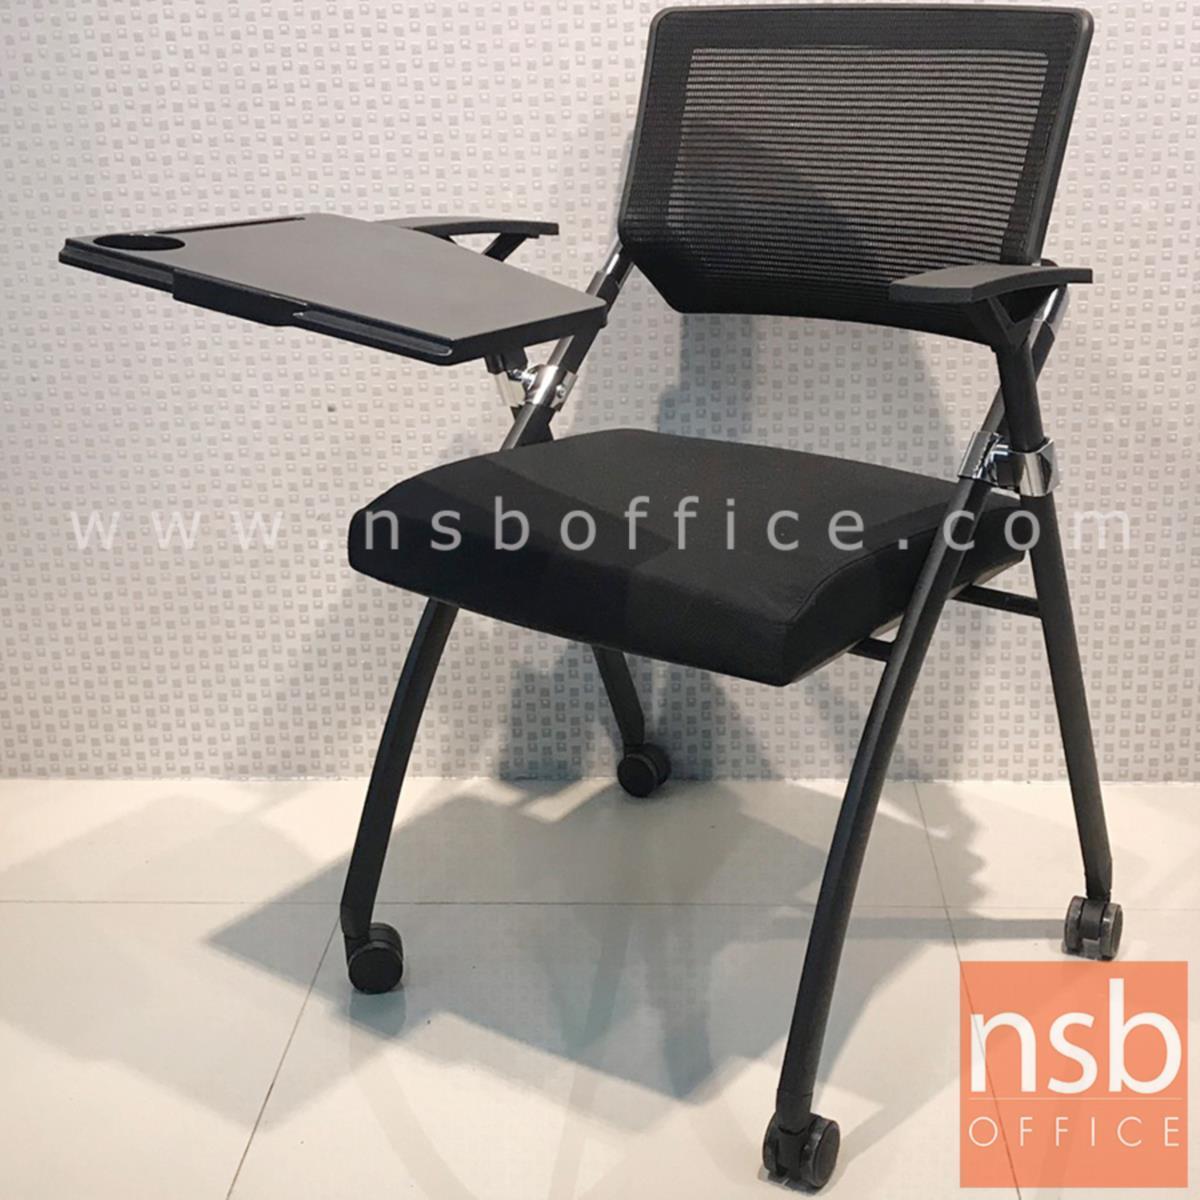 เก้าอี้เลคเชอร์หลังเน็ตล้อเลื่อน รุ่น Minogue (มิโนก)  ขาเหล็กพ่นสีดำ